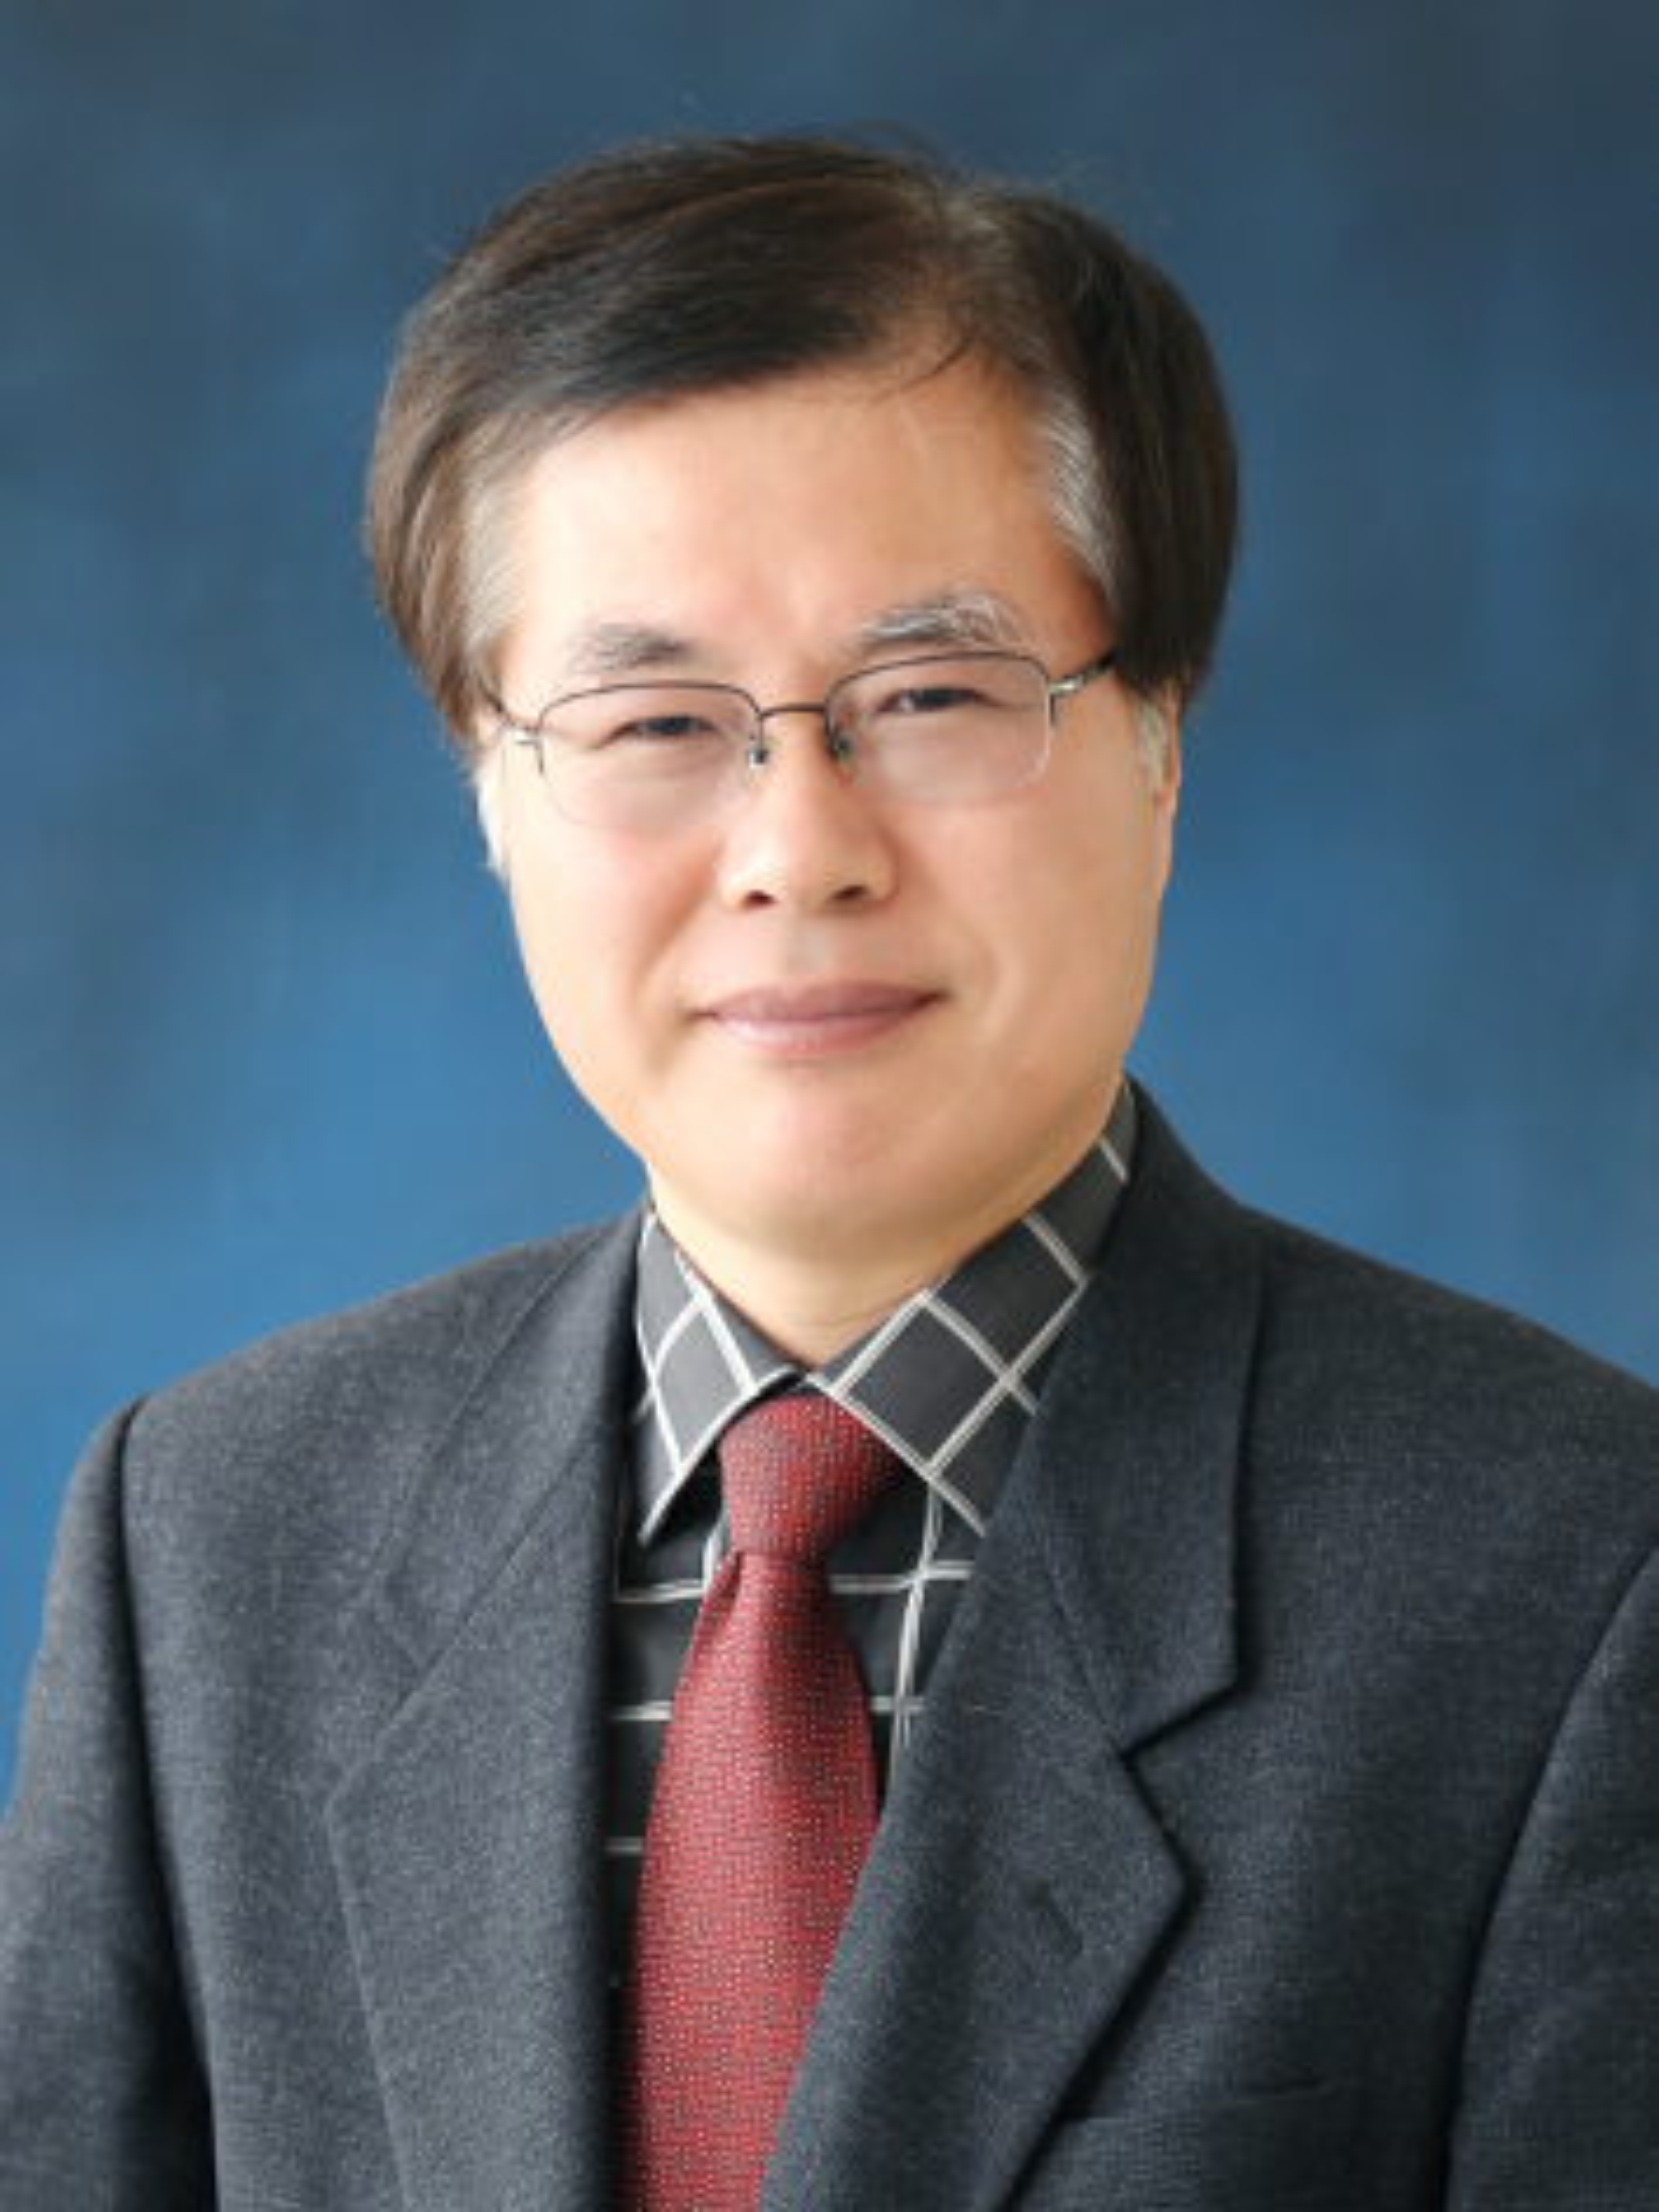 용환승(龍煥昇) 교수님 사진